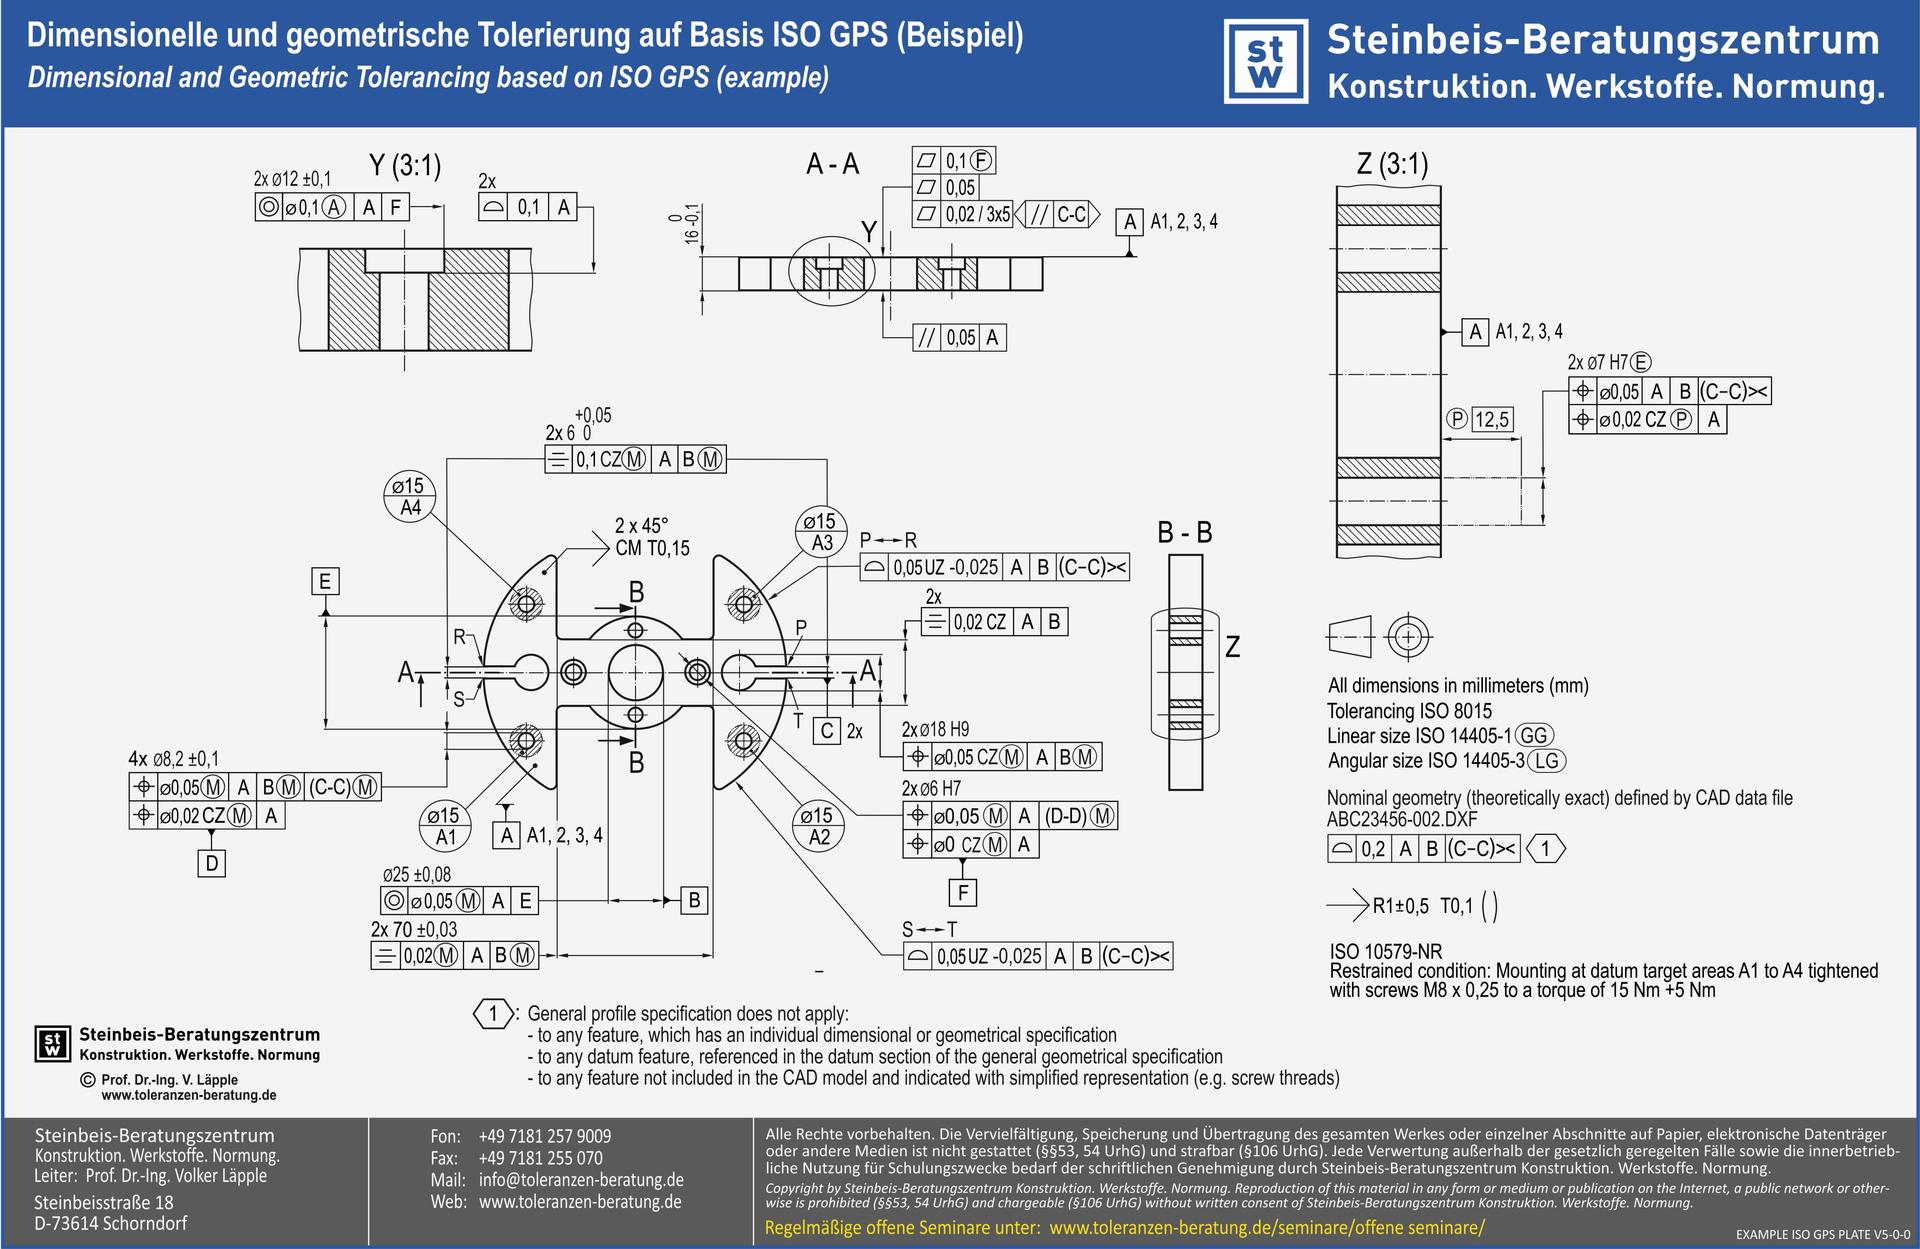 Mass Form Und Lagetoleranzen Iso Gps Basisseminar